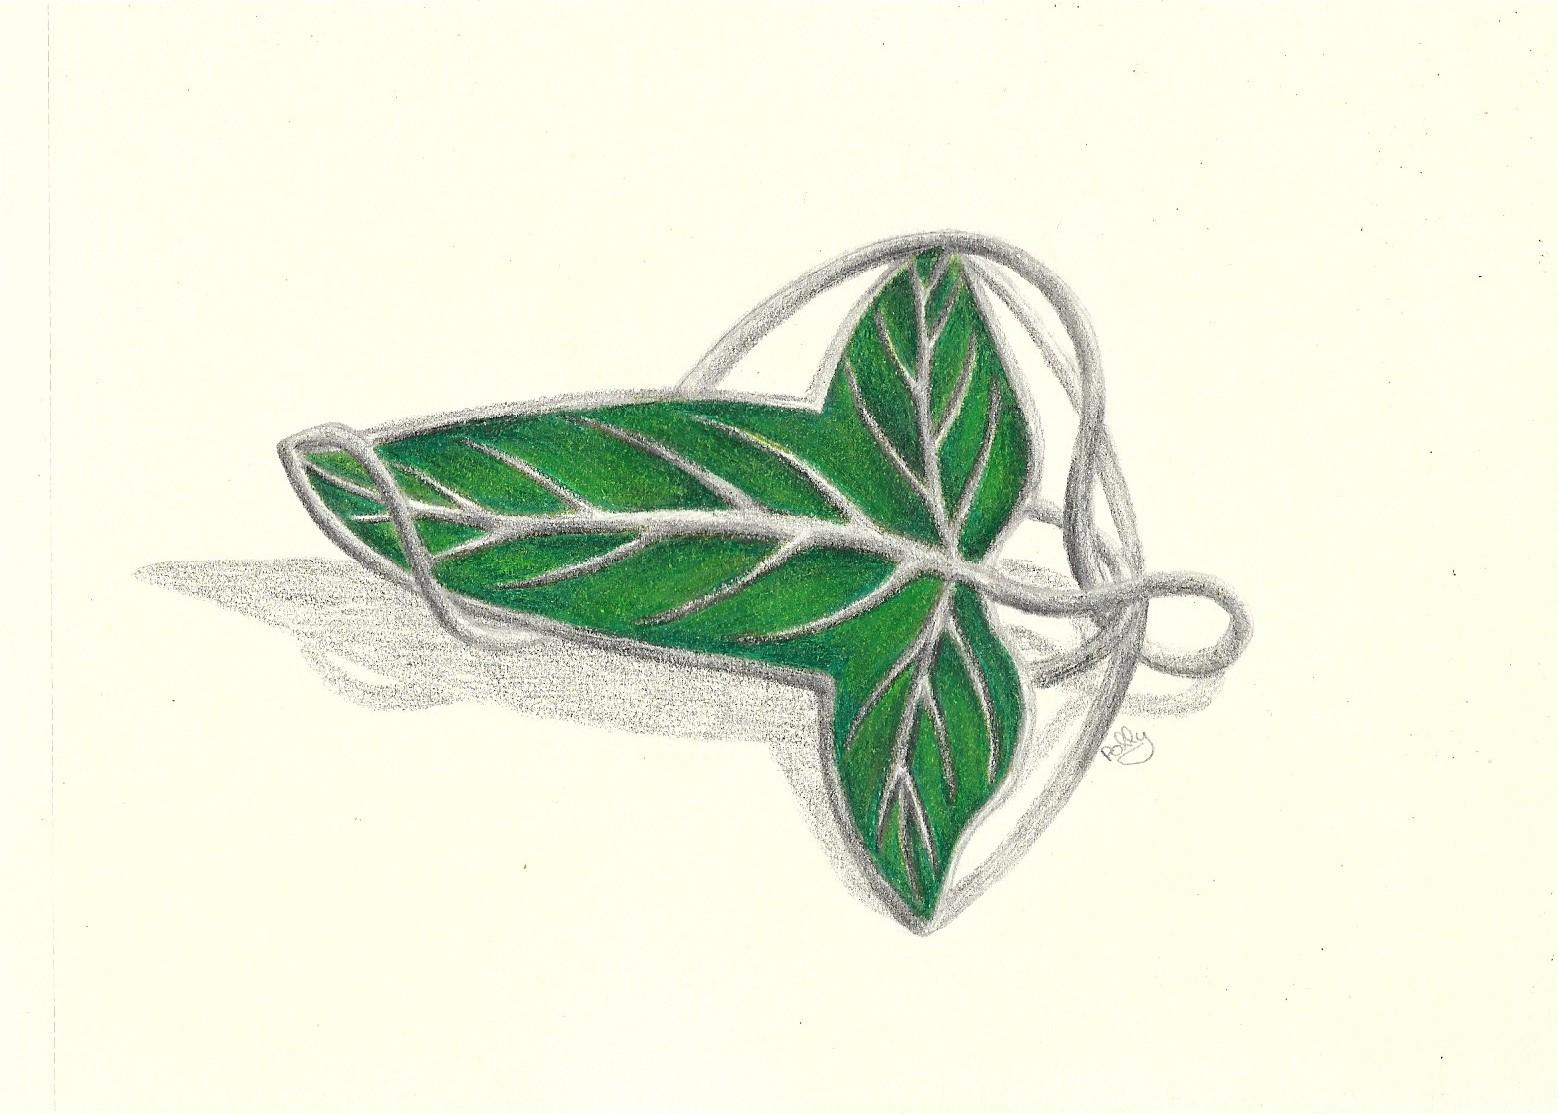 Lórienský lístek (Polly)